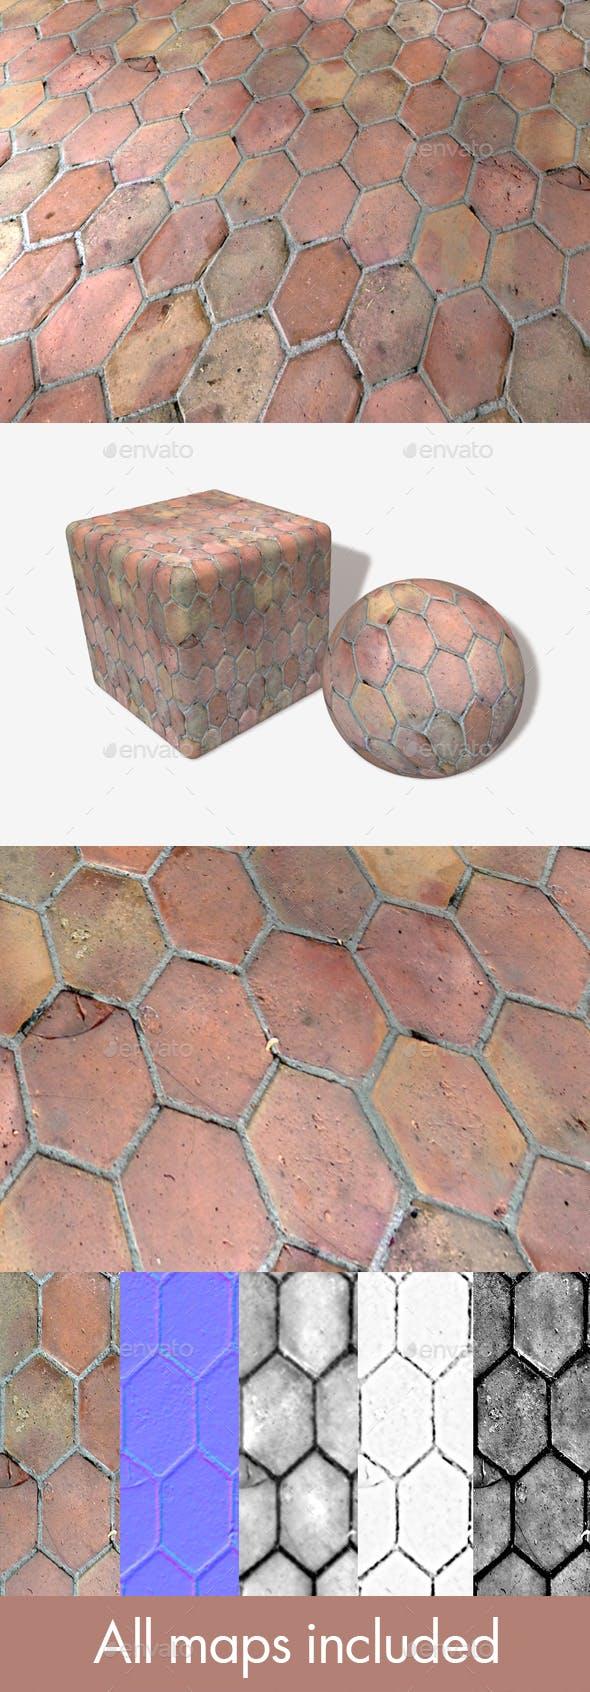 Long Hexagon Old Floor Tiles - 3DOcean Item for Sale